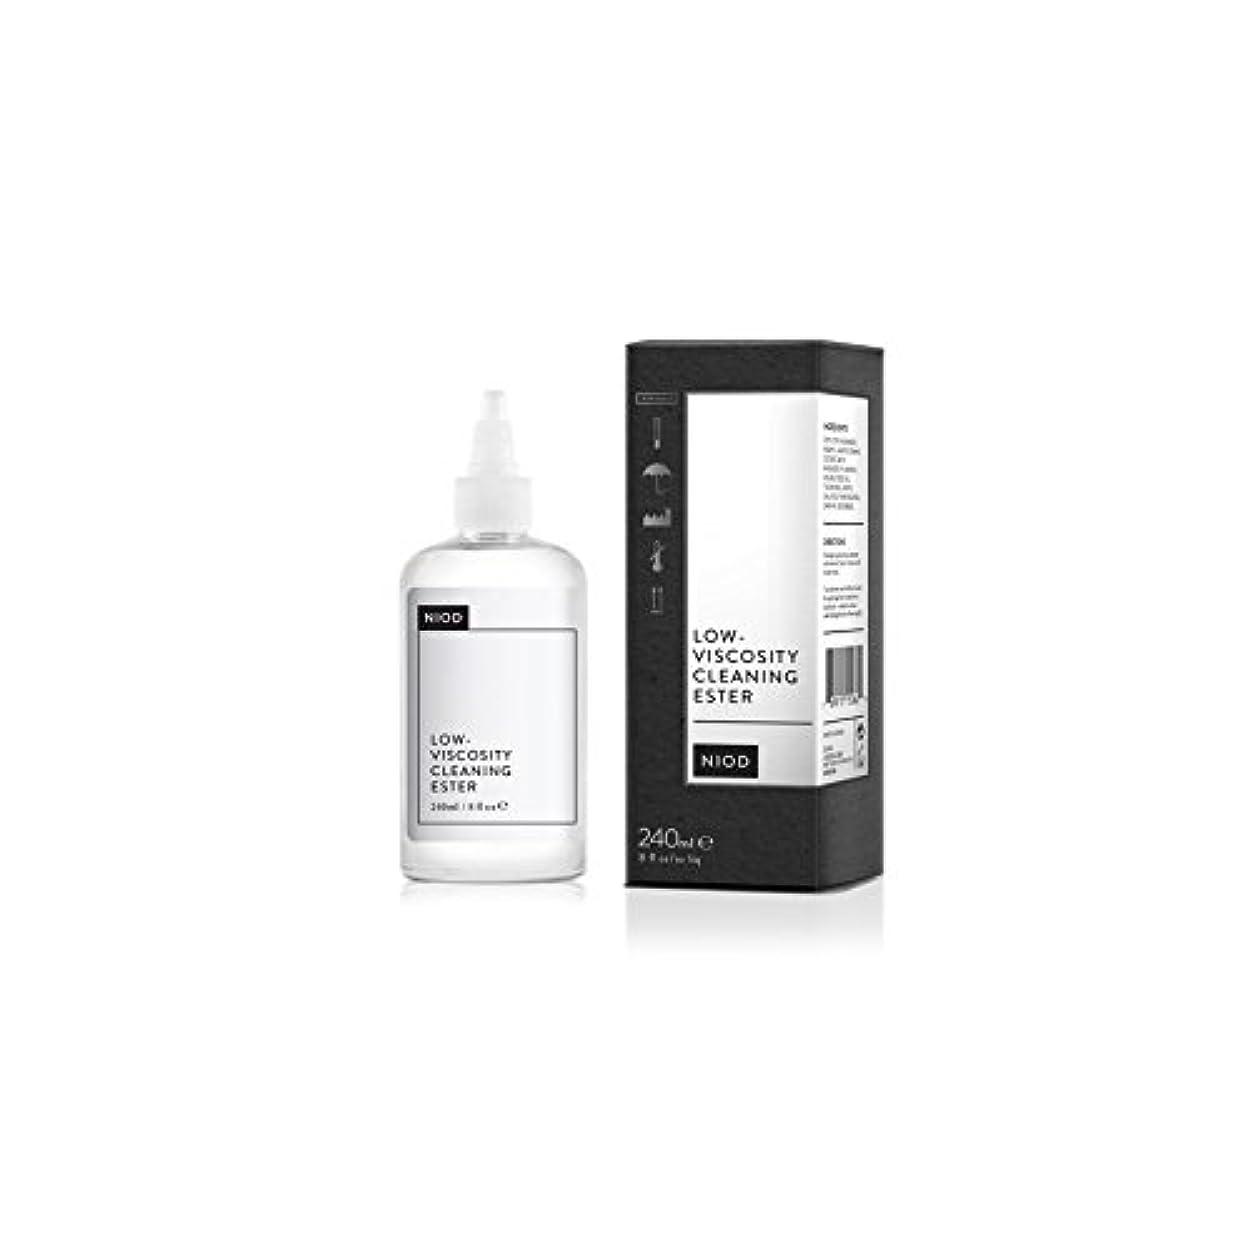 迷惑ペンフレンド退屈な低粘度のクリーニングエステル(240ミリリットル) x4 - Niod Low-Viscosity Cleaning Ester (240ml) (Pack of 4) [並行輸入品]